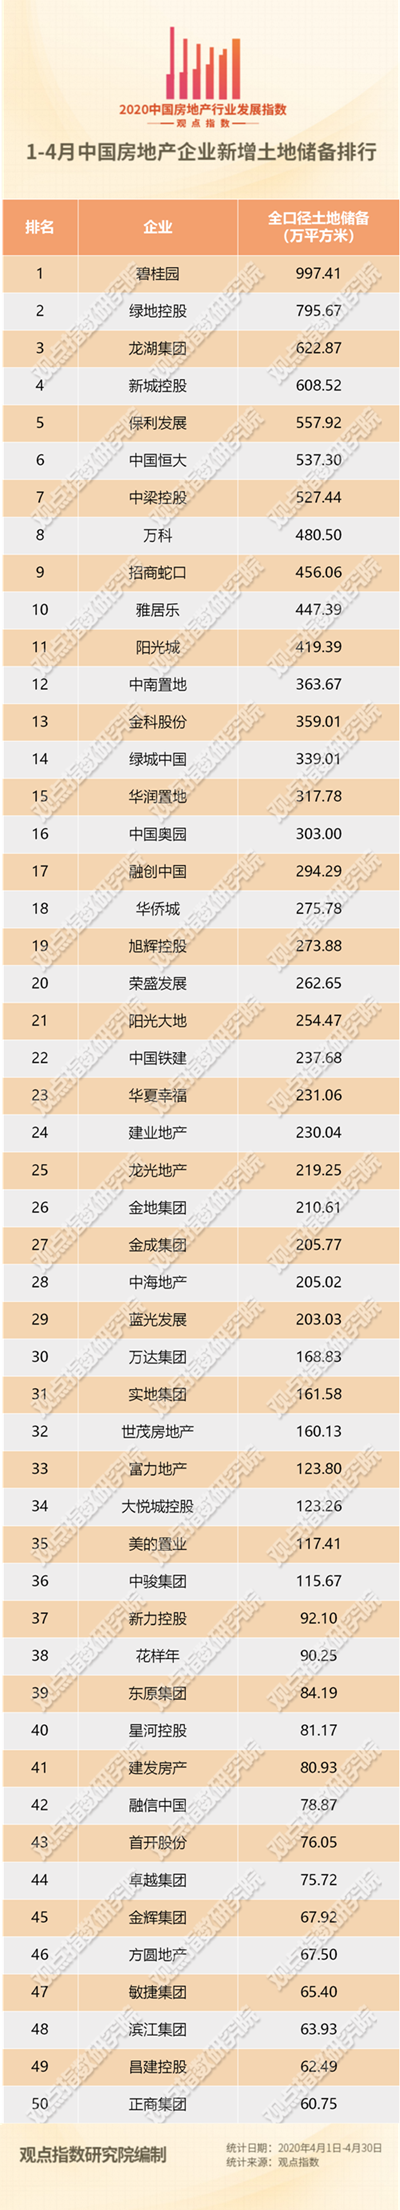 1-4月中国房企新增土地储备报告·观点月度指数